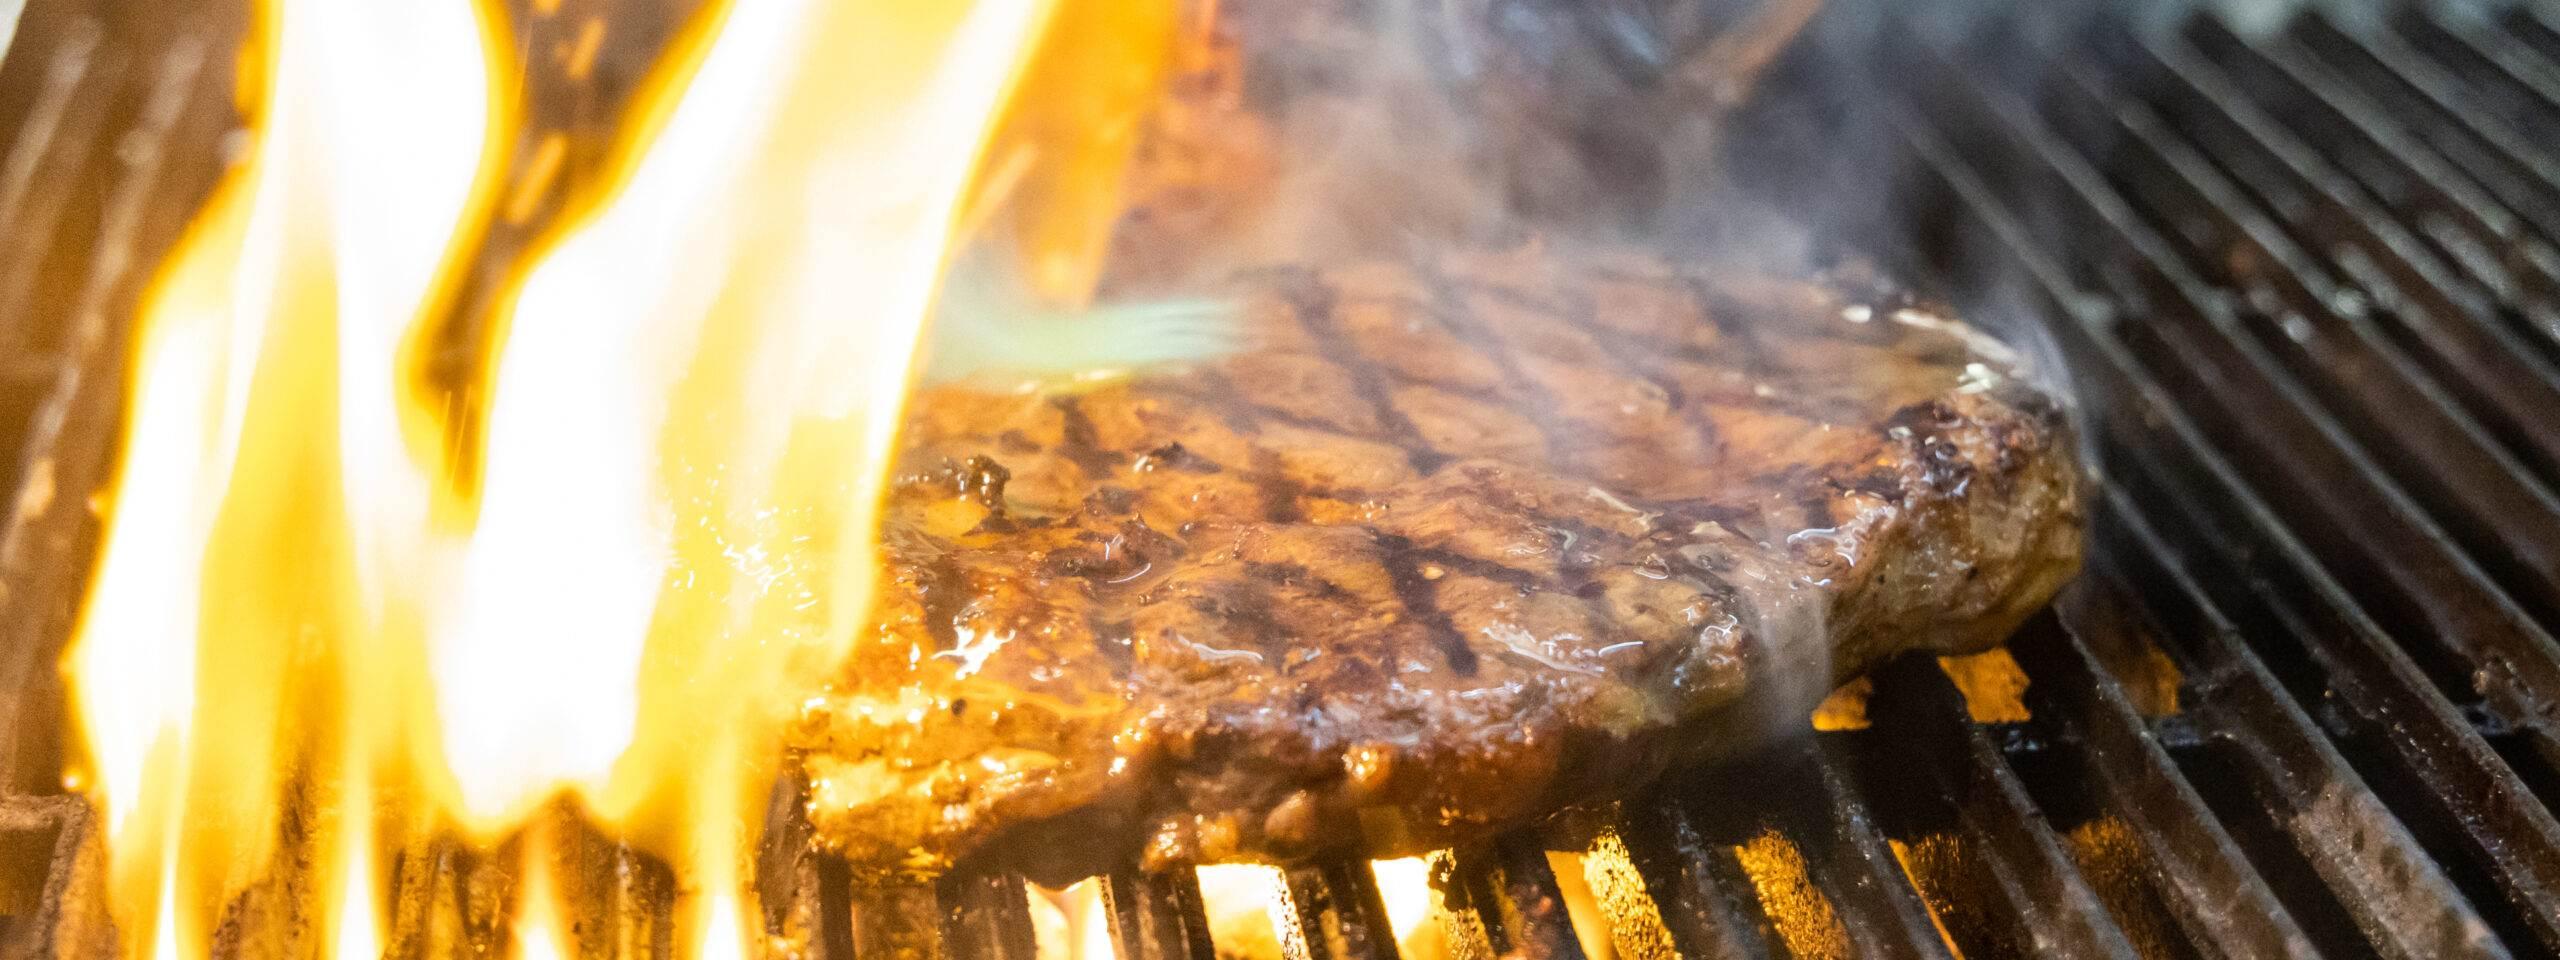 Grade A Steaks